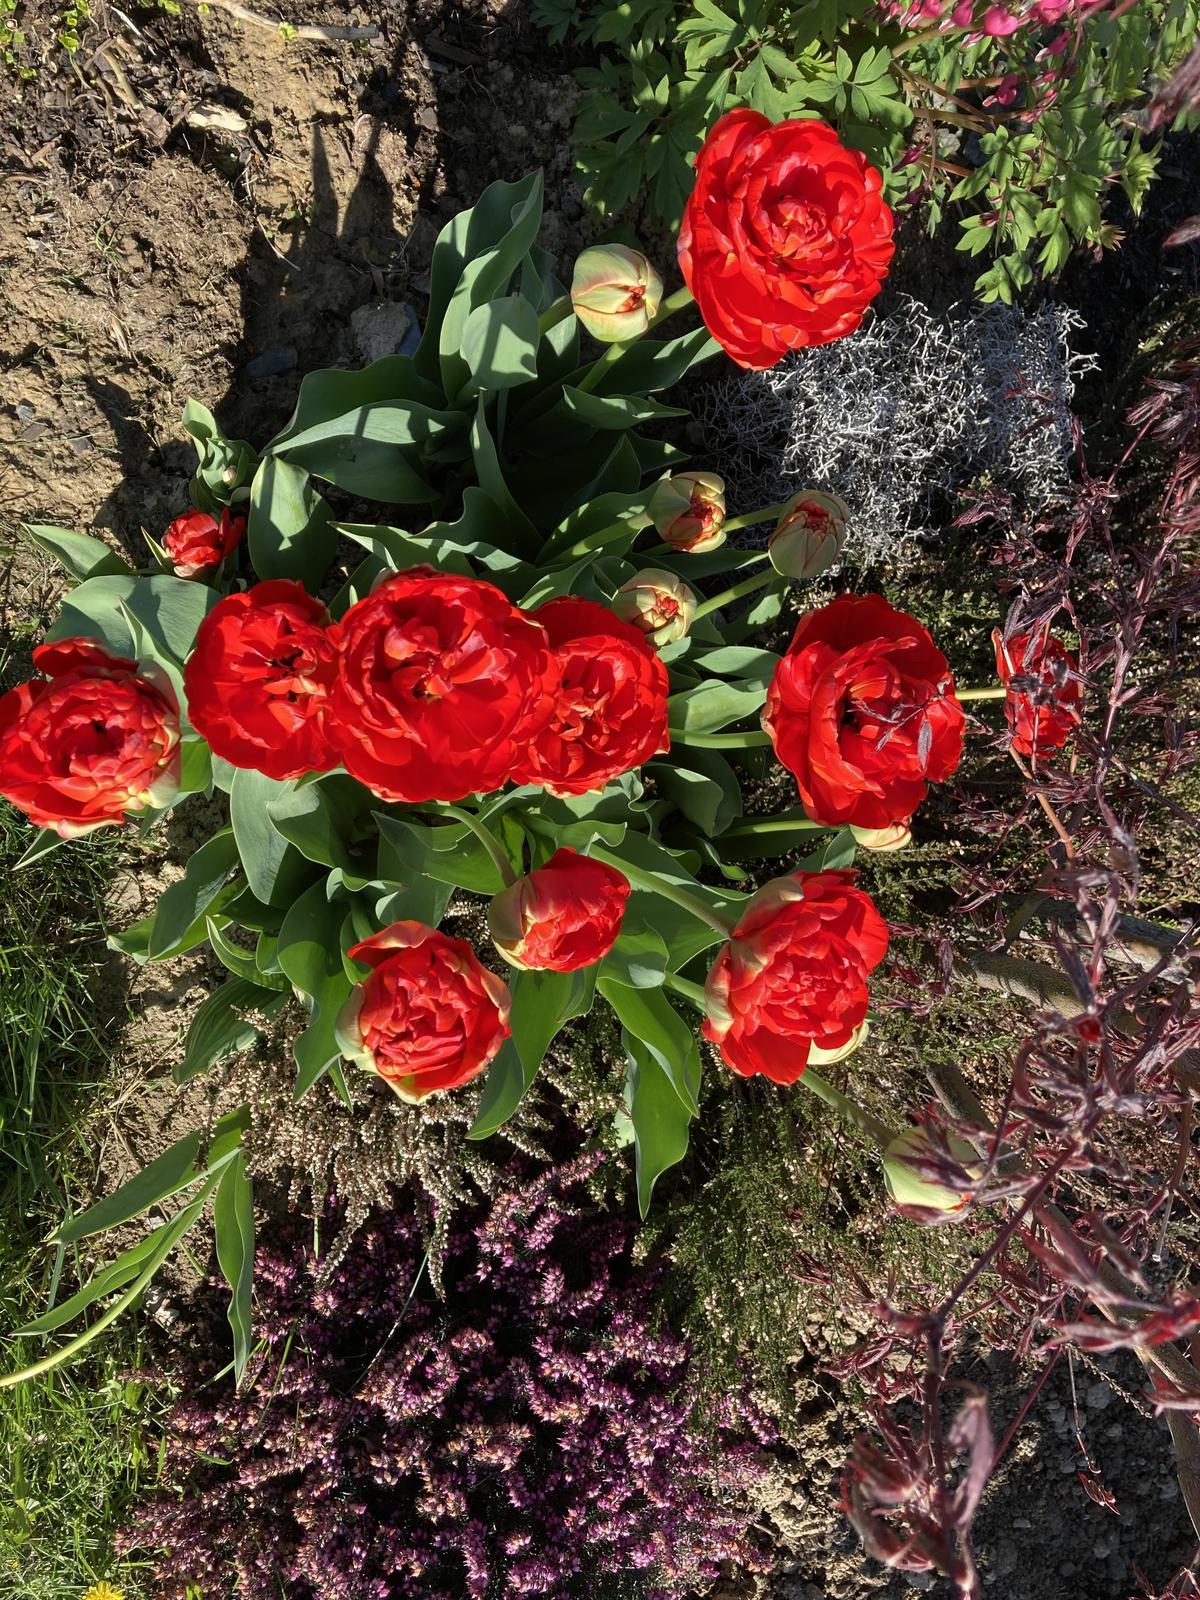 Šestý rok zahradničím - dneska je konečně nádherný den, den matek budeme grilovat